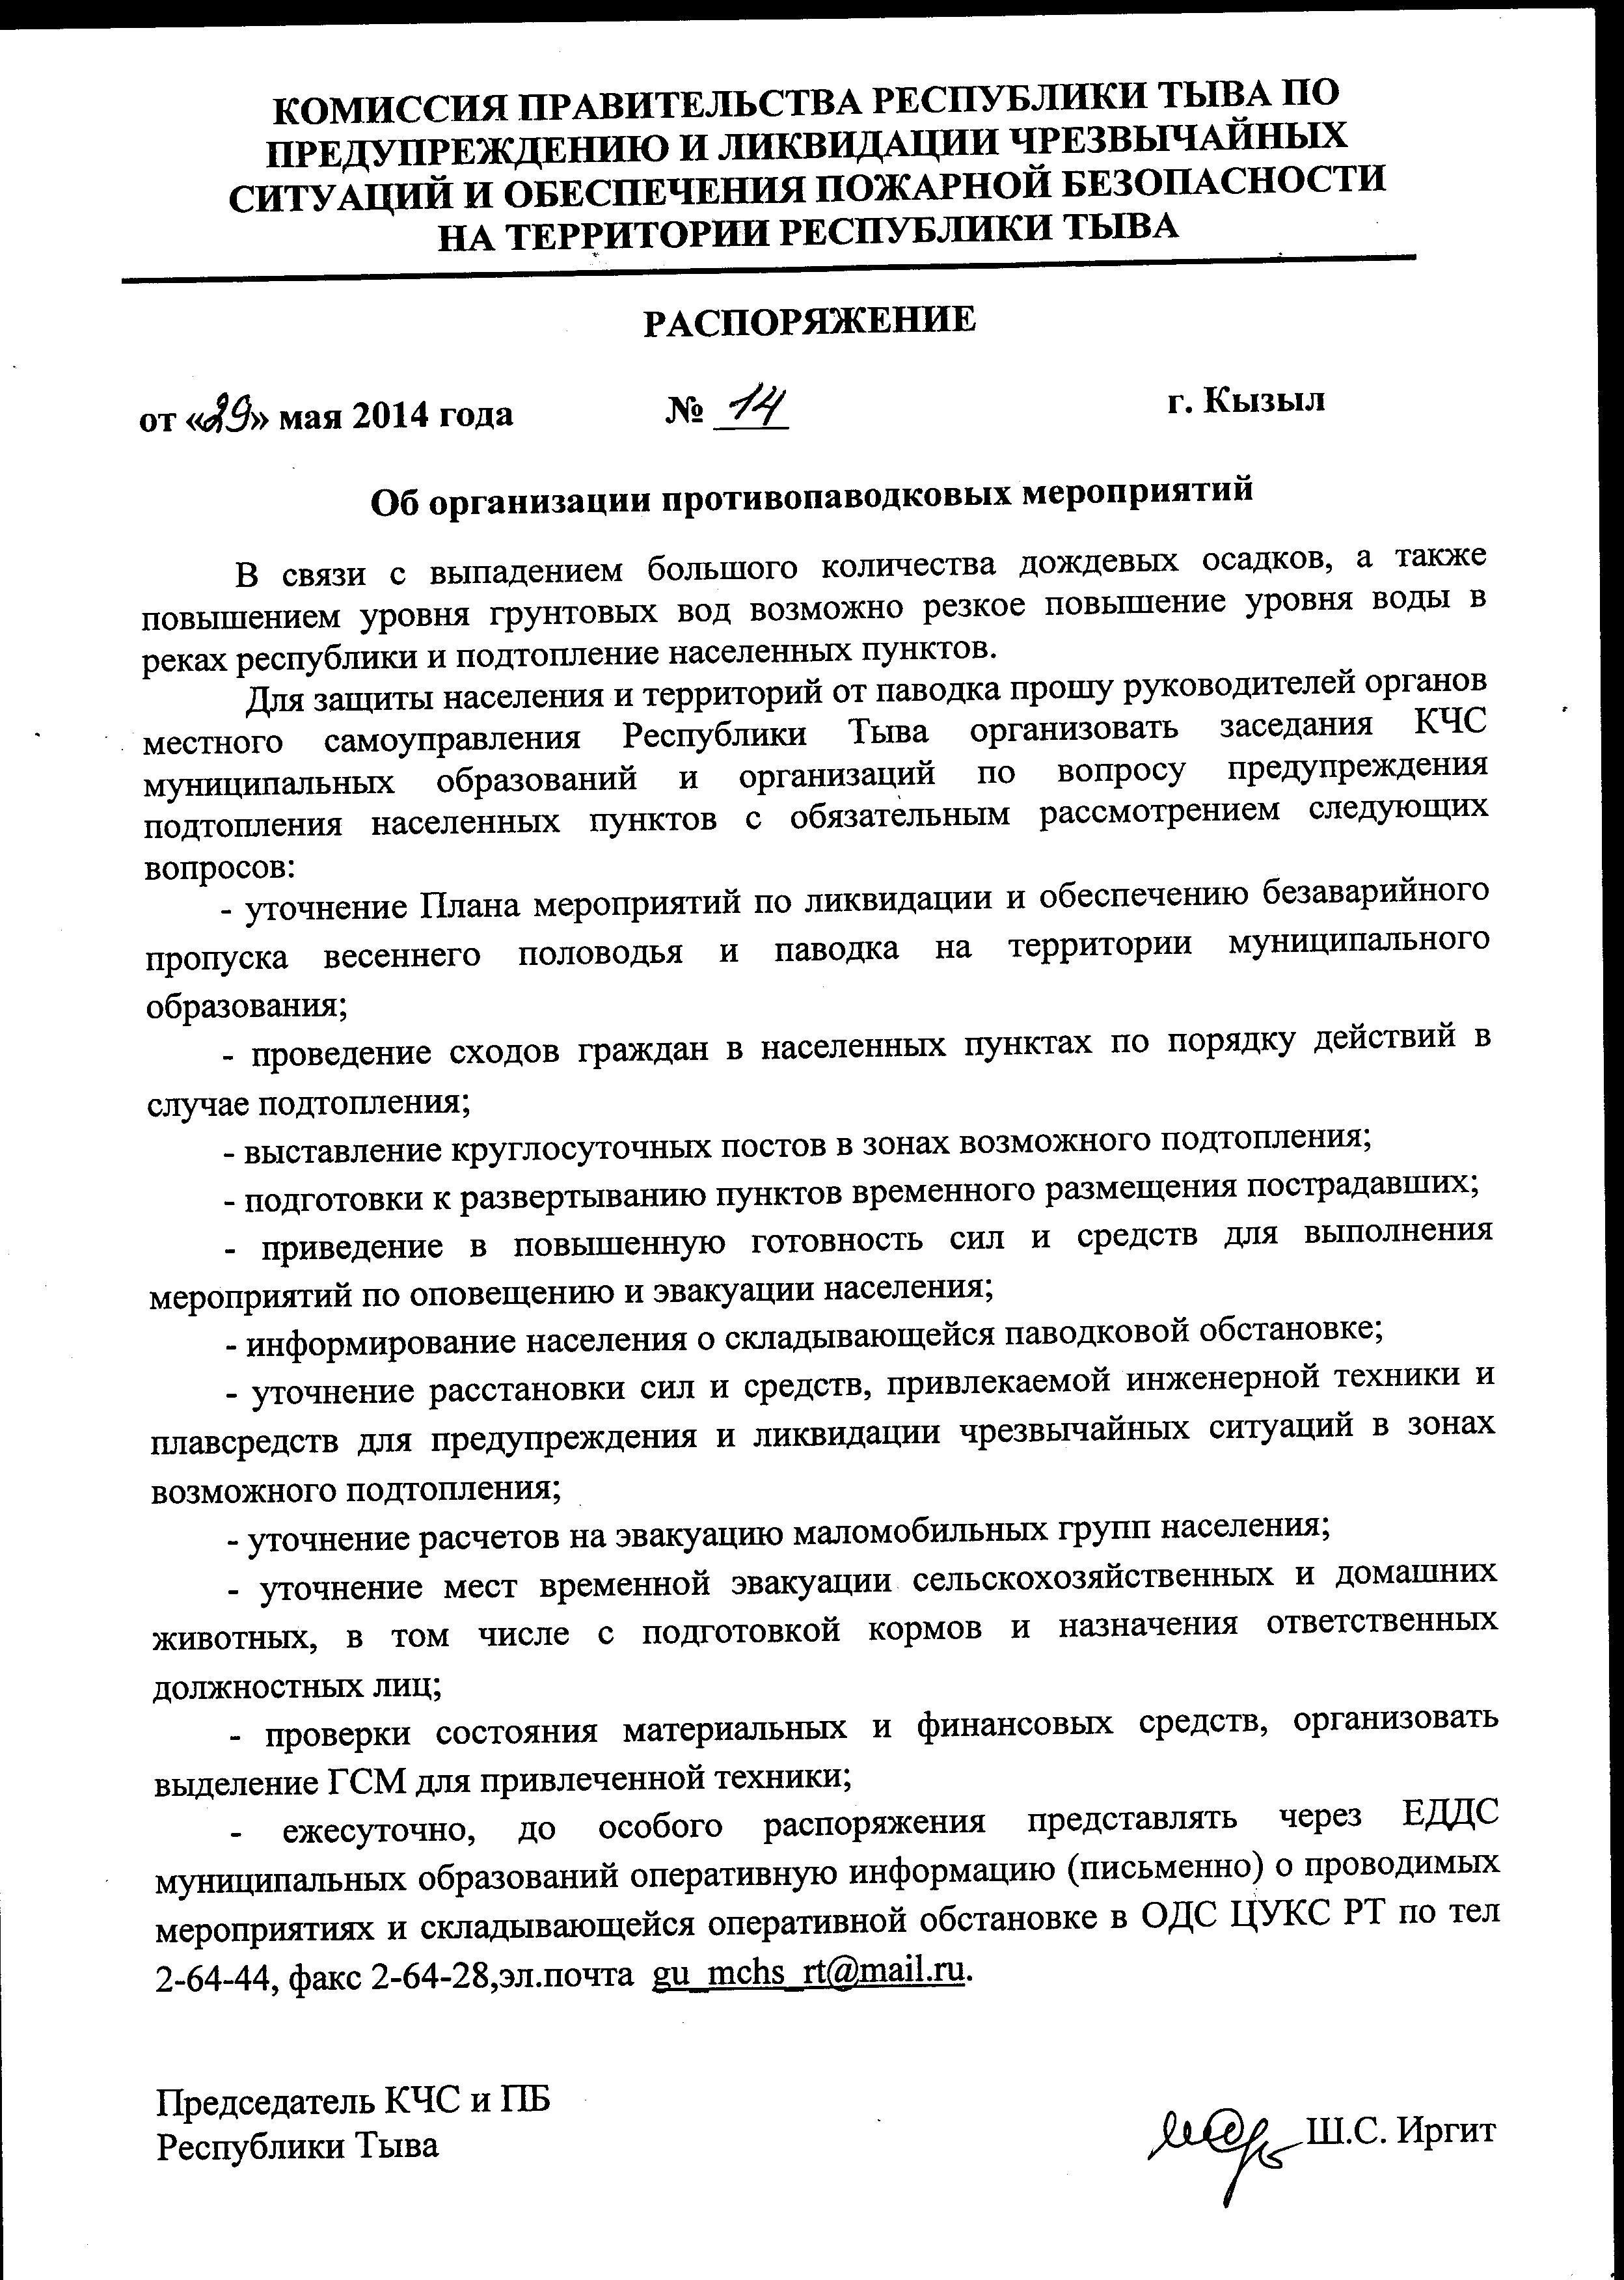 5.1.7. Решения КЧС и ПБ субъекта (по данному направлению деятельности)